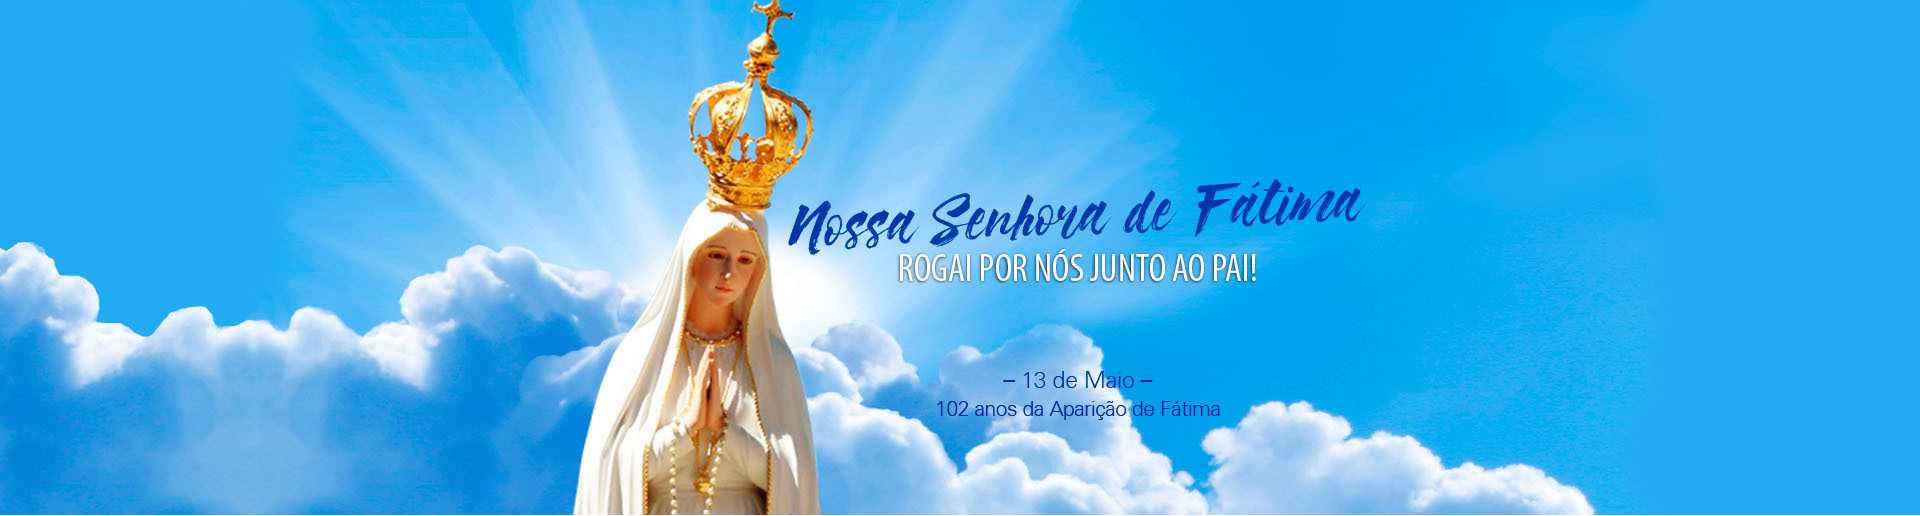 LS-N-Sra-Fatima-2019-1920x516px